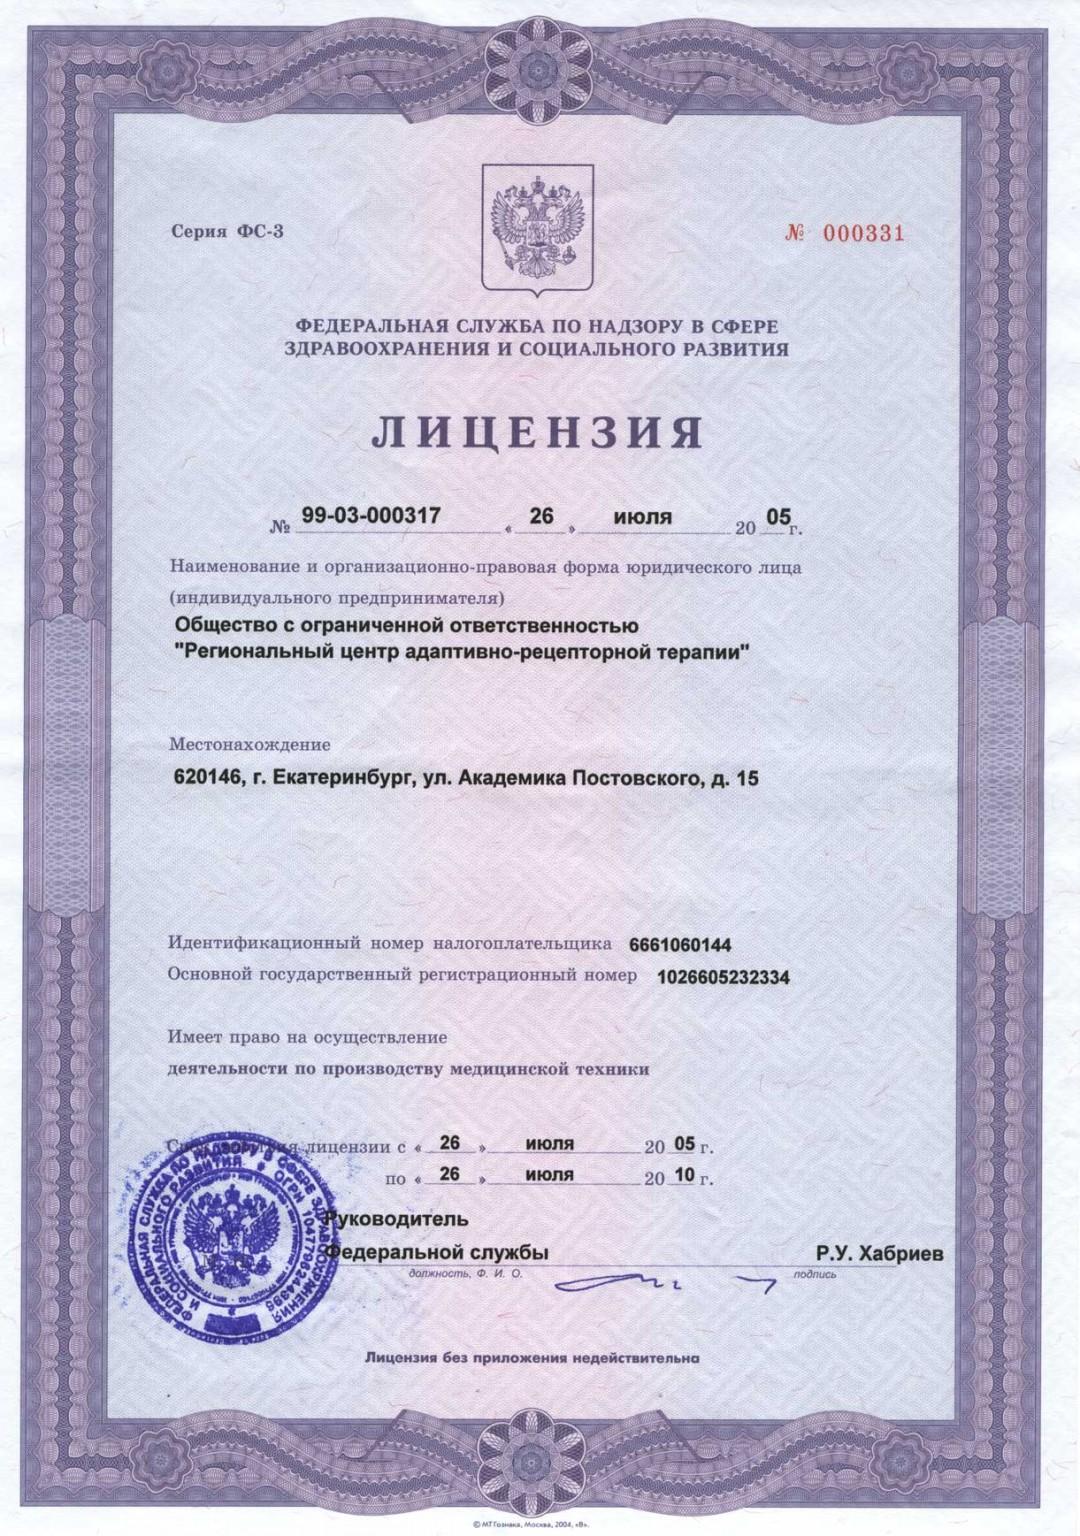 Чем отличается лицензия от патента